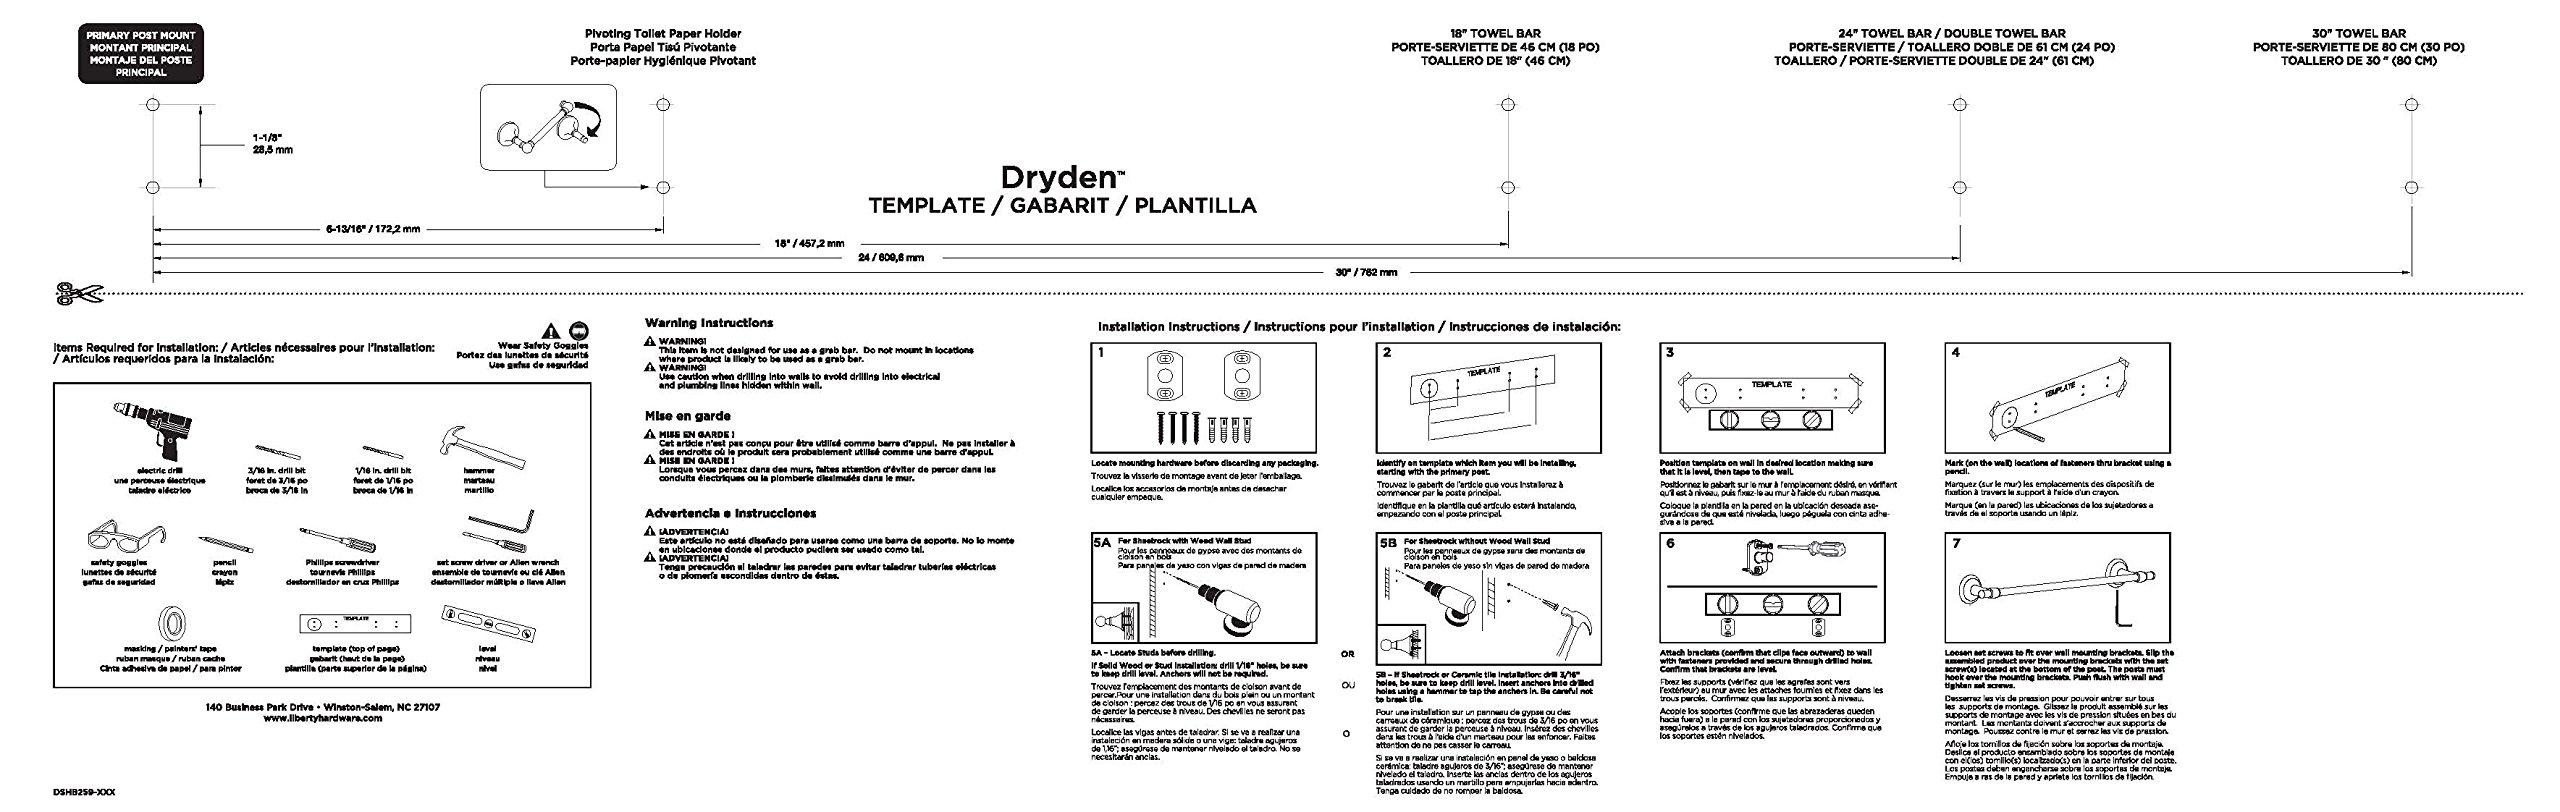 Delta Faucet 75125-RB Dryden 24'' Double Towel Bar, SpotShield Venetian Bronze by DELTA FAUCET (Image #3)